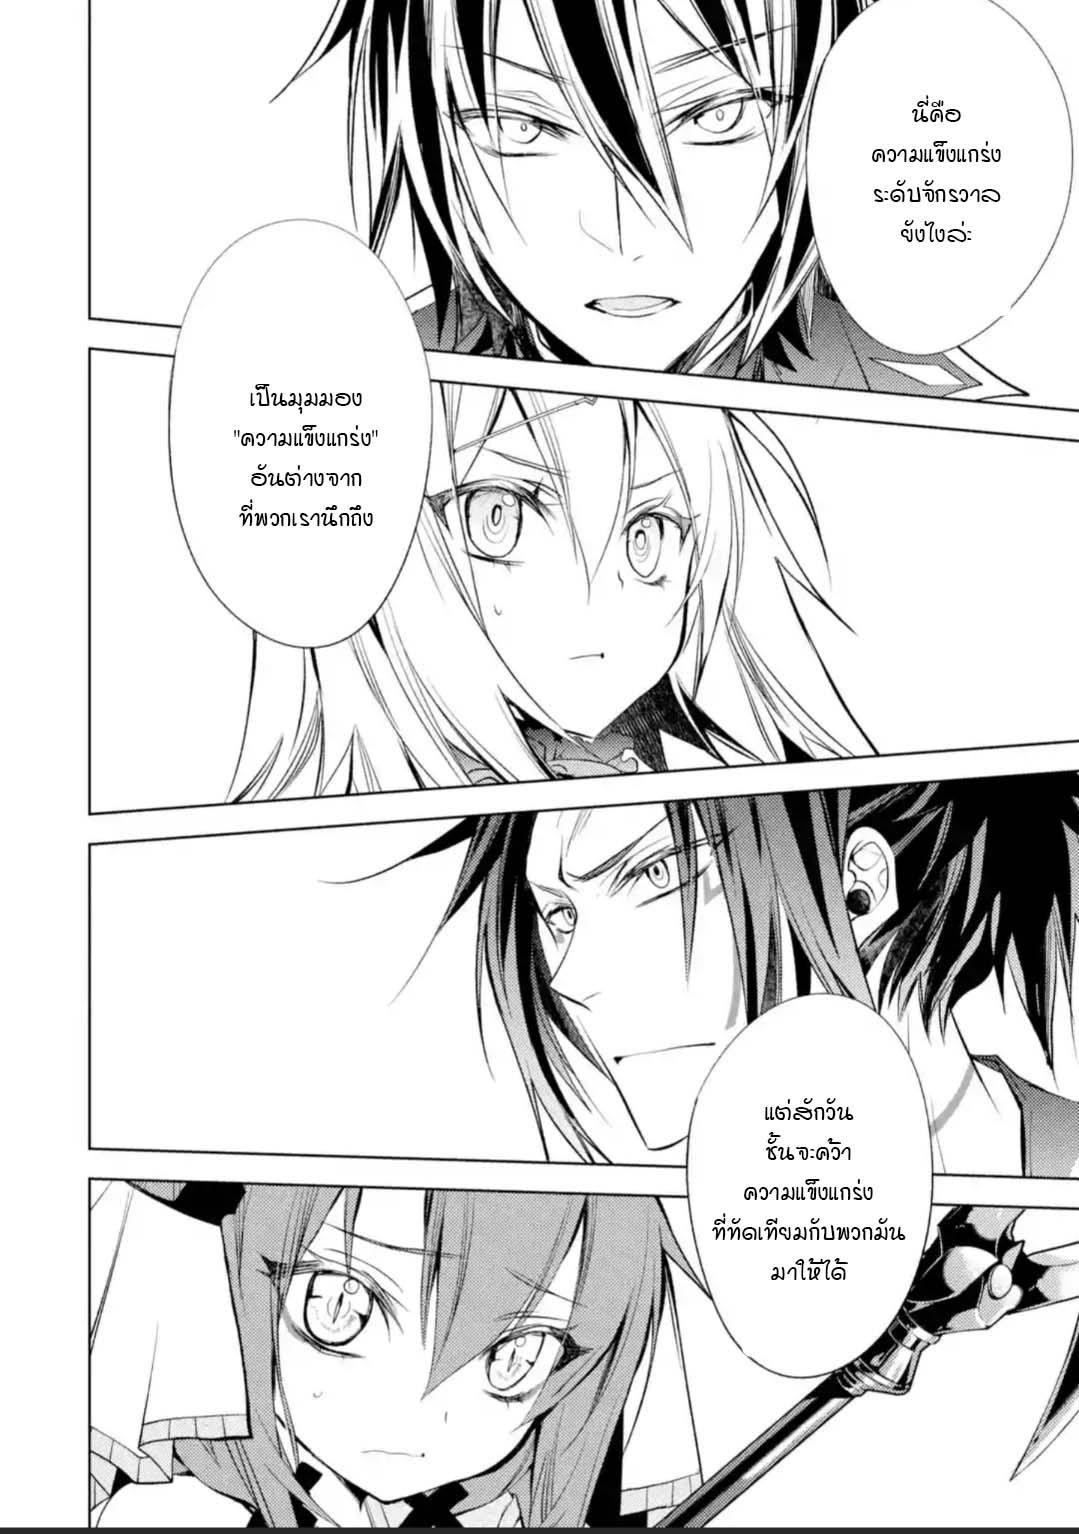 อ่านการ์ตูน Senmetsumadou no Saikyokenja ตอนที่ 8.2 หน้าที่ 5